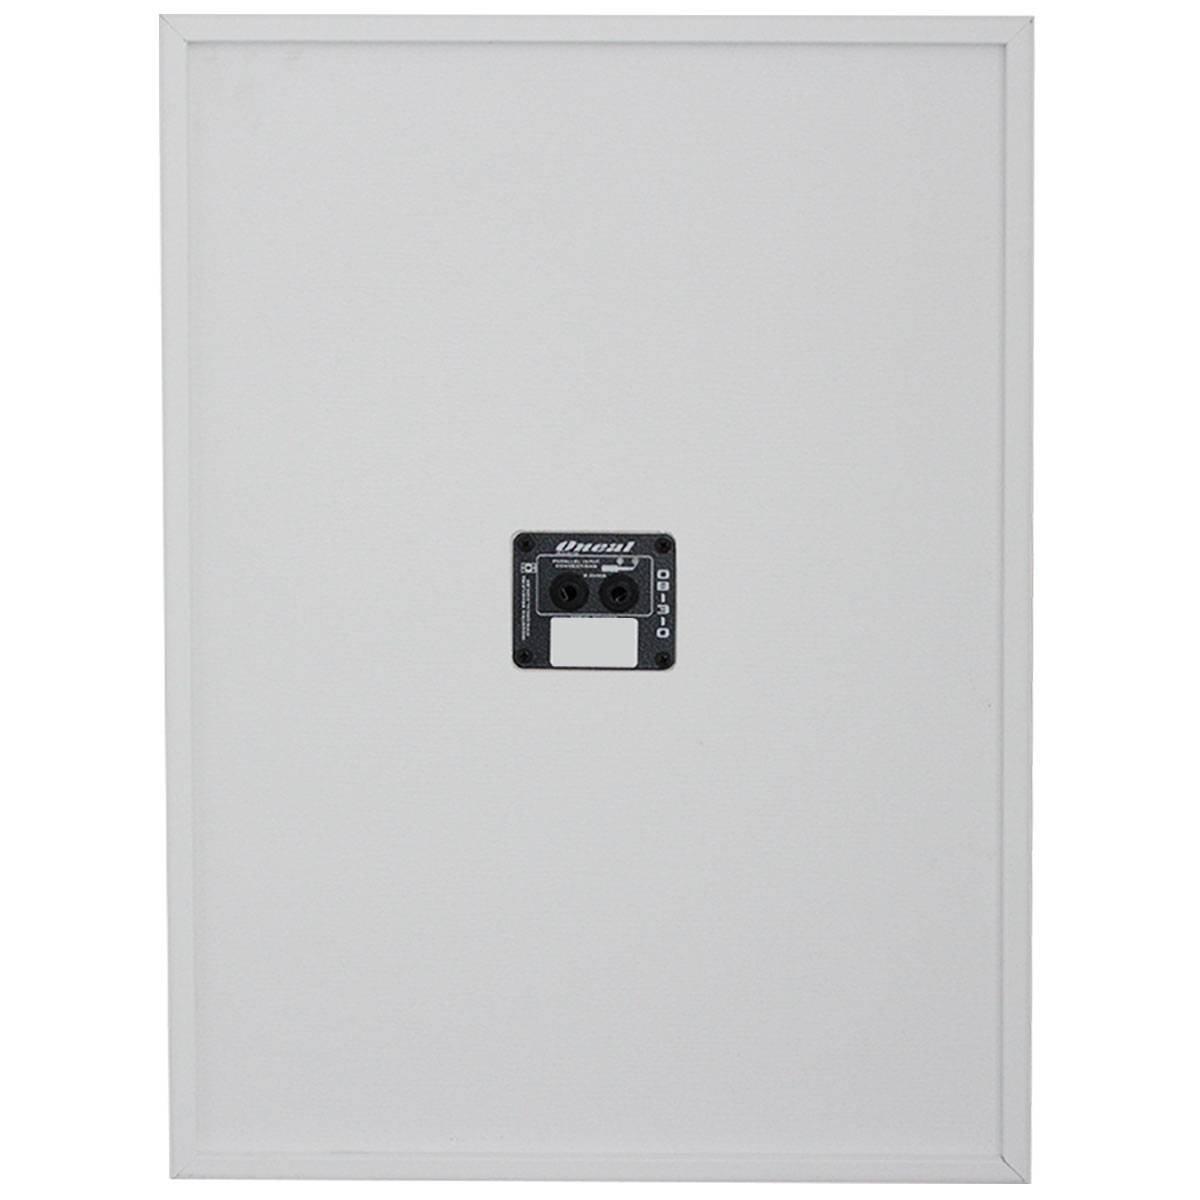 Caixa Passiva Fal 10 Pol 80W - OB 1310 Oneal